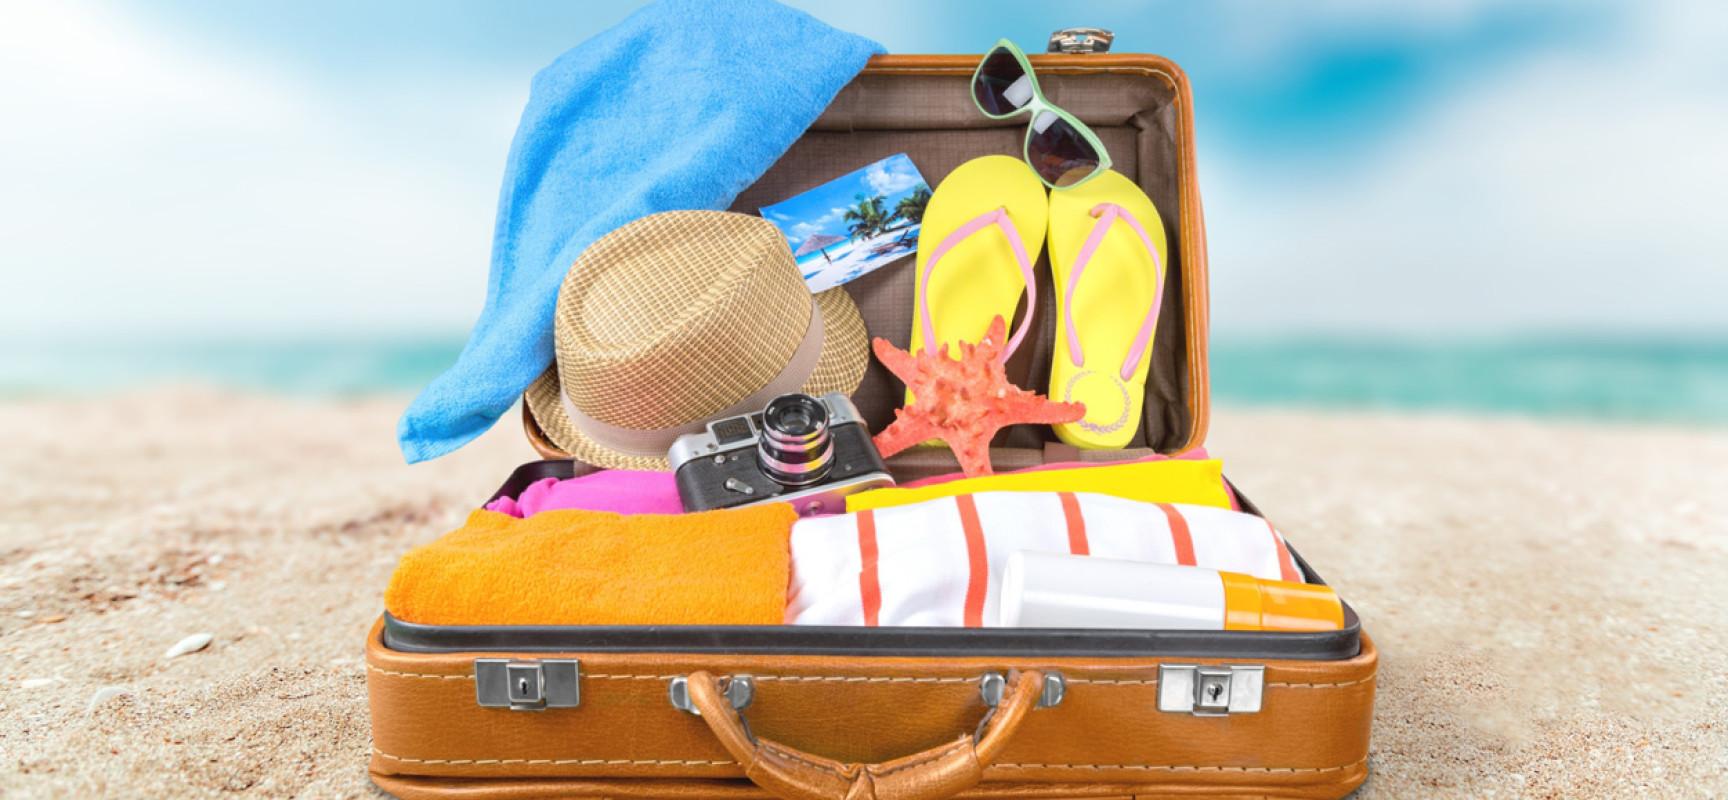 Как в соответствии с законом оформить отпуск внутреннему совместителю?